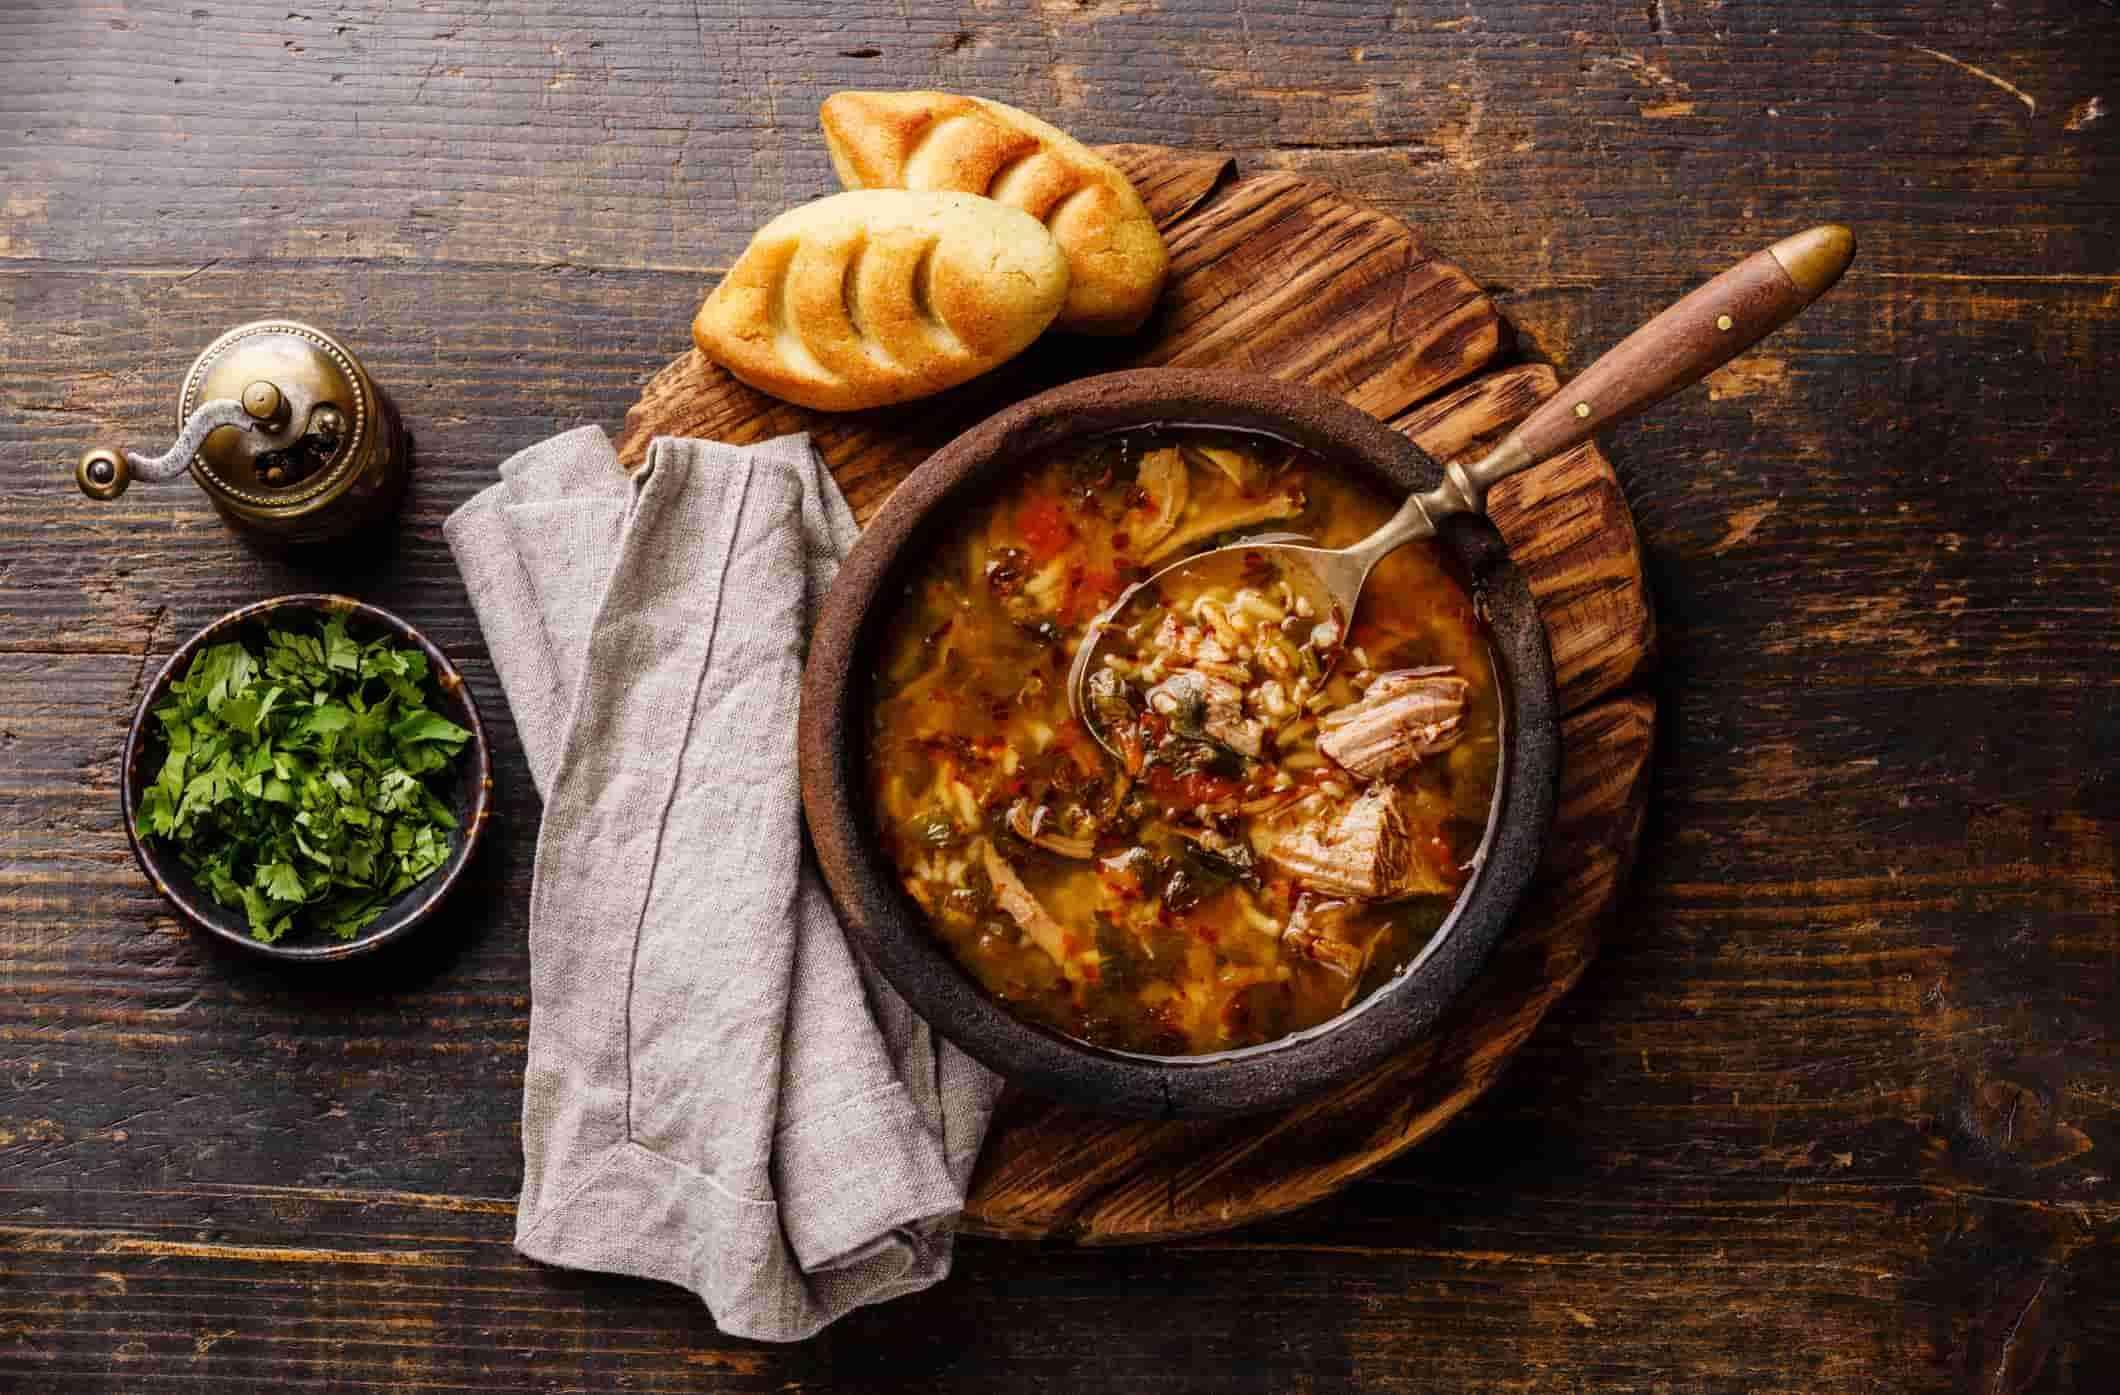 суп харчо, грузинская еда, национальная кухня